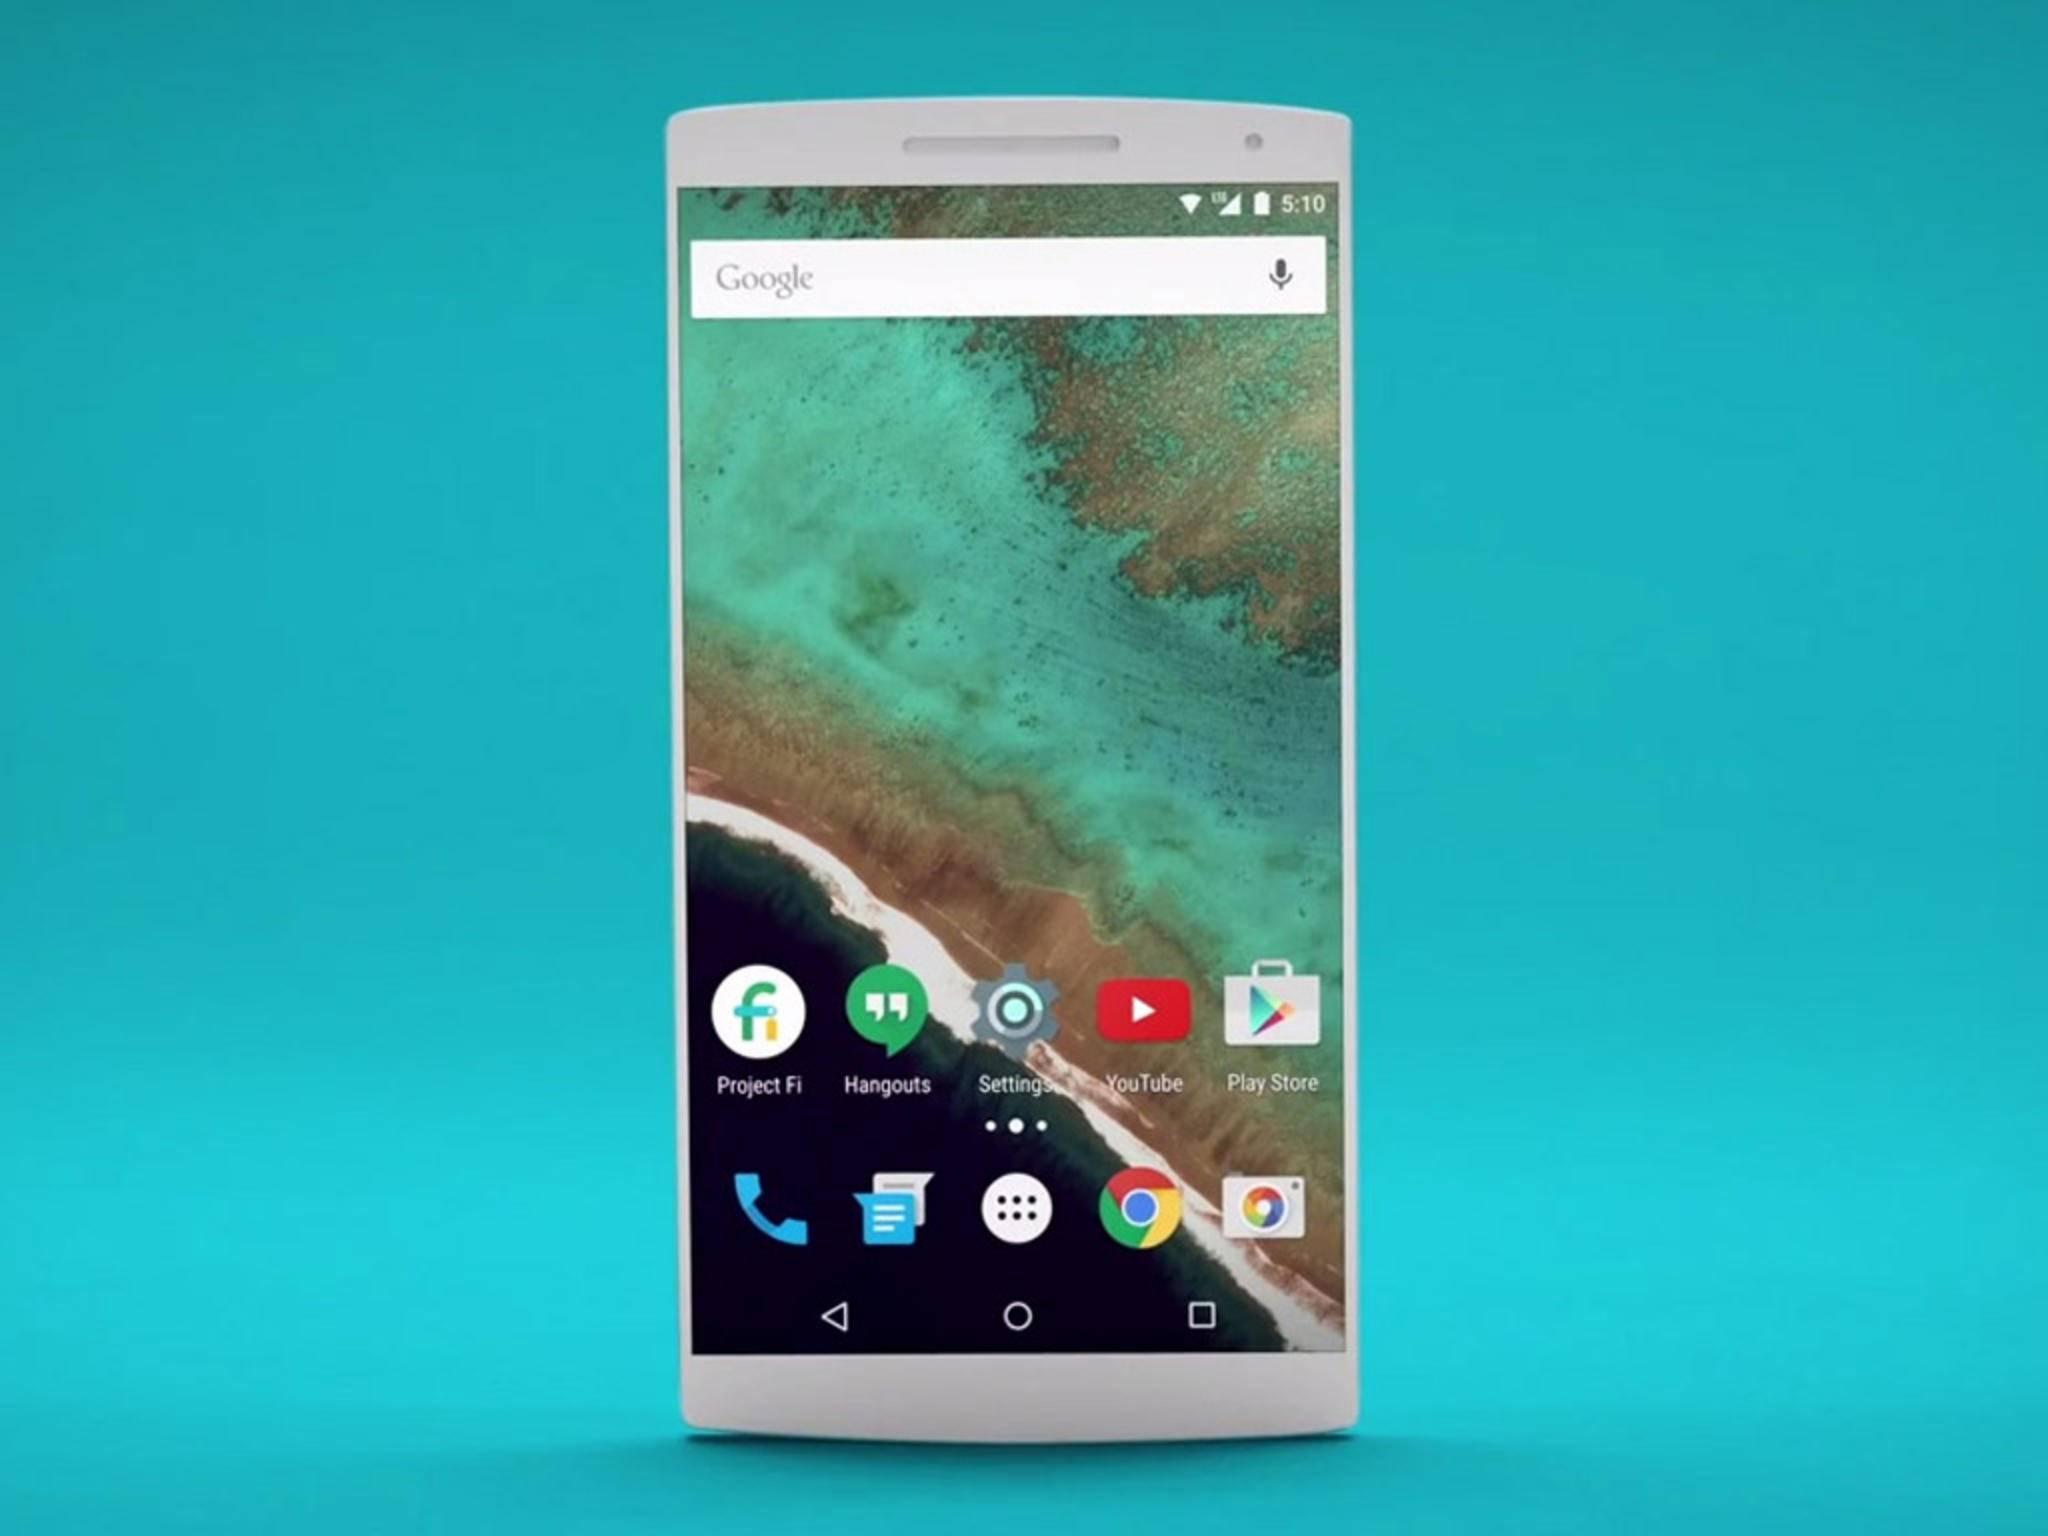 Sieht so etwa das 2015er Modell des neuen Nexus 5 aus? Noch weiß das niemand.